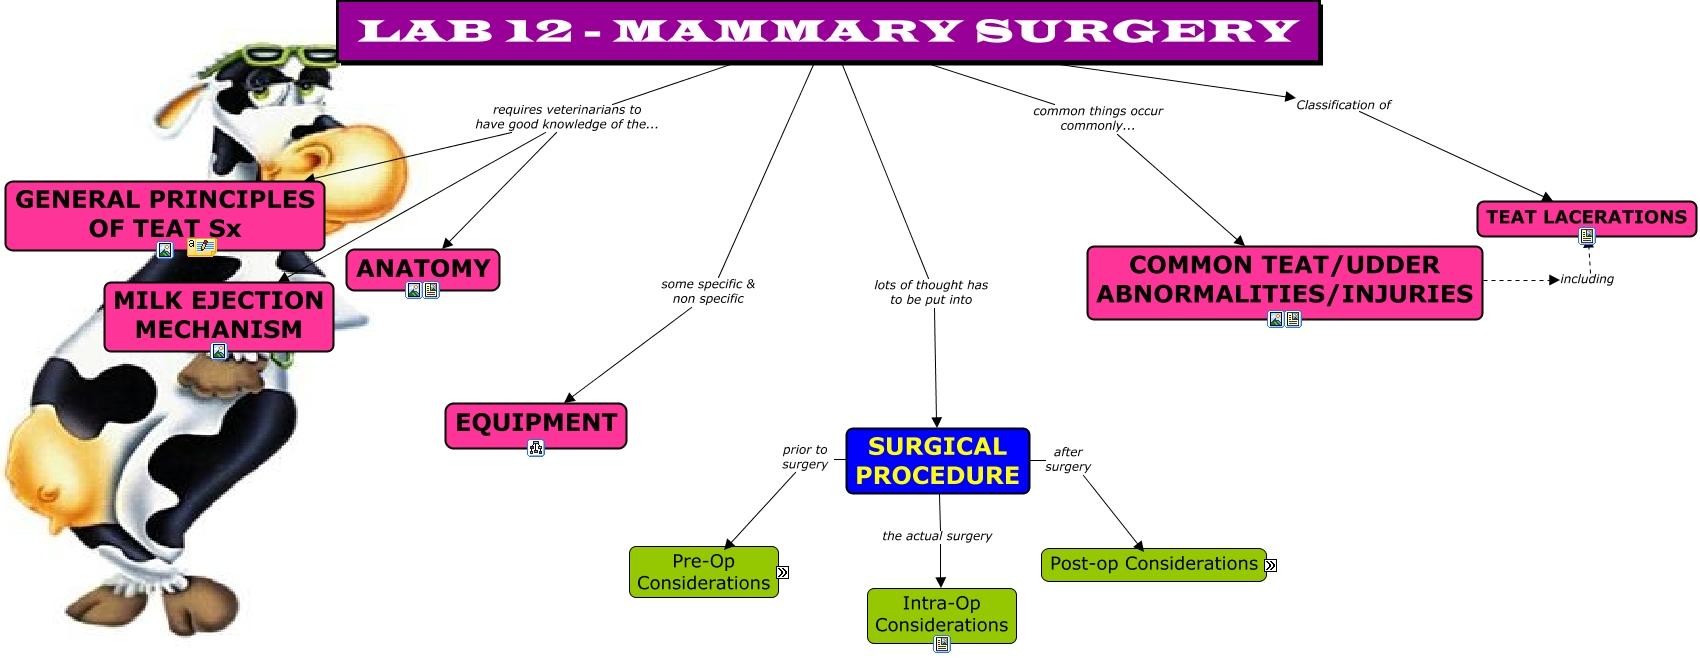 MAMMARY SURGERY